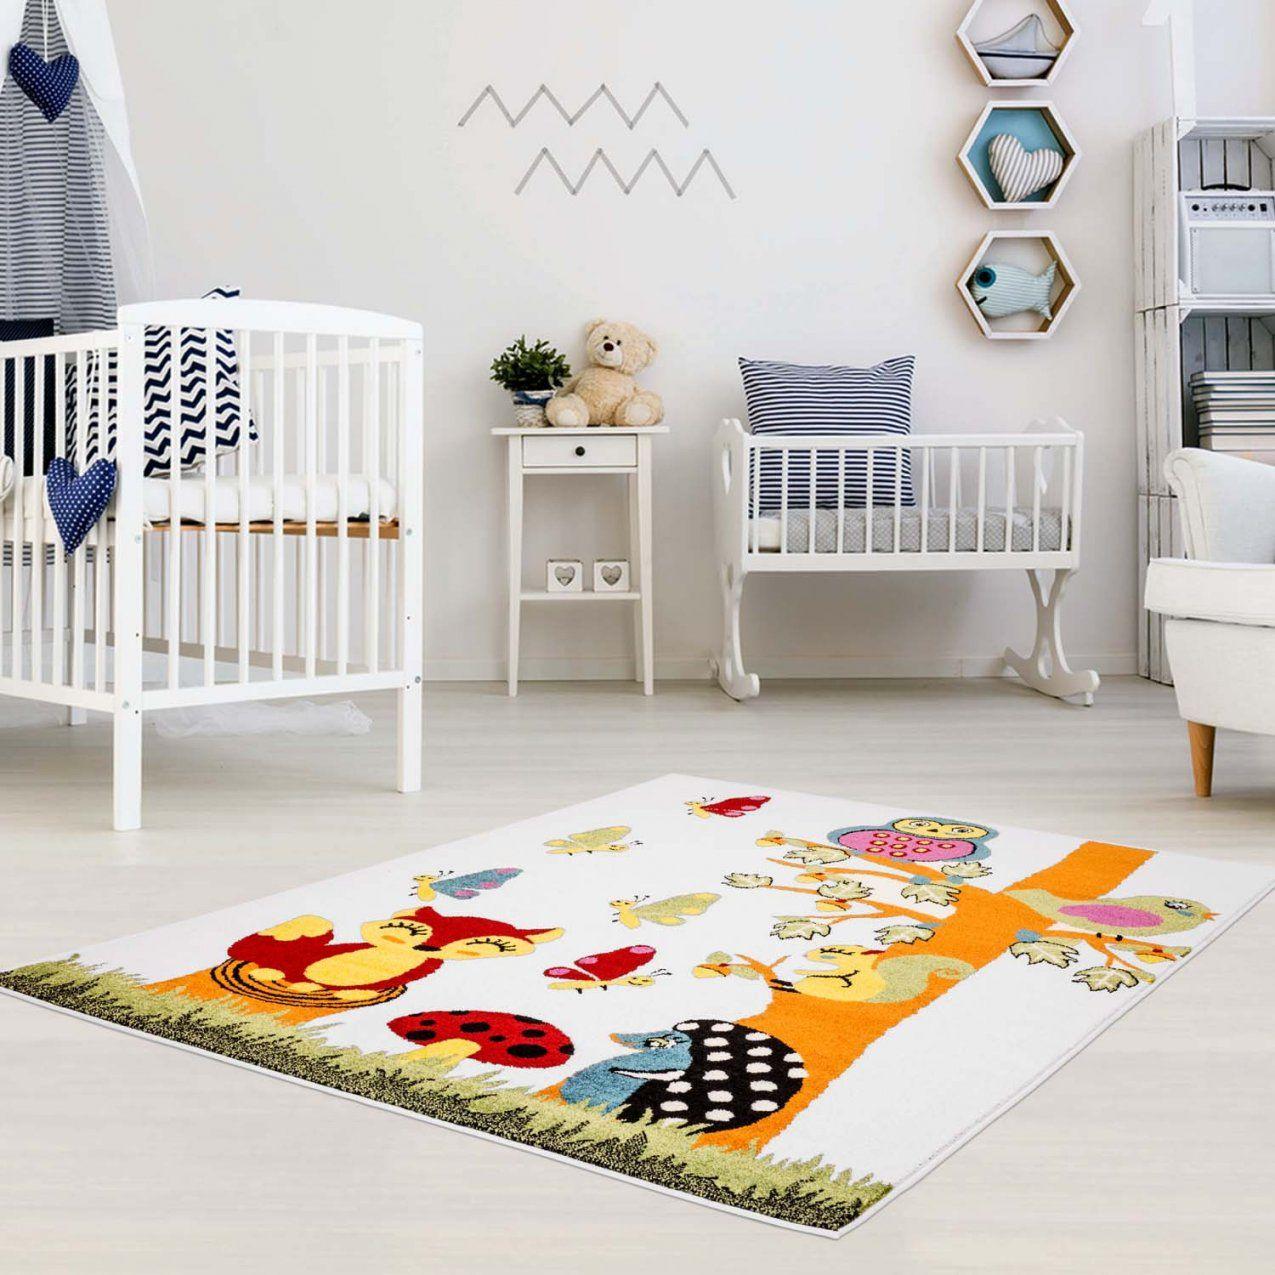 Kinderteppich Naturspaß  Moda Kids 5770 Multi  Spielteppich von Kinderzimmer Teppich Für Jungs Bild